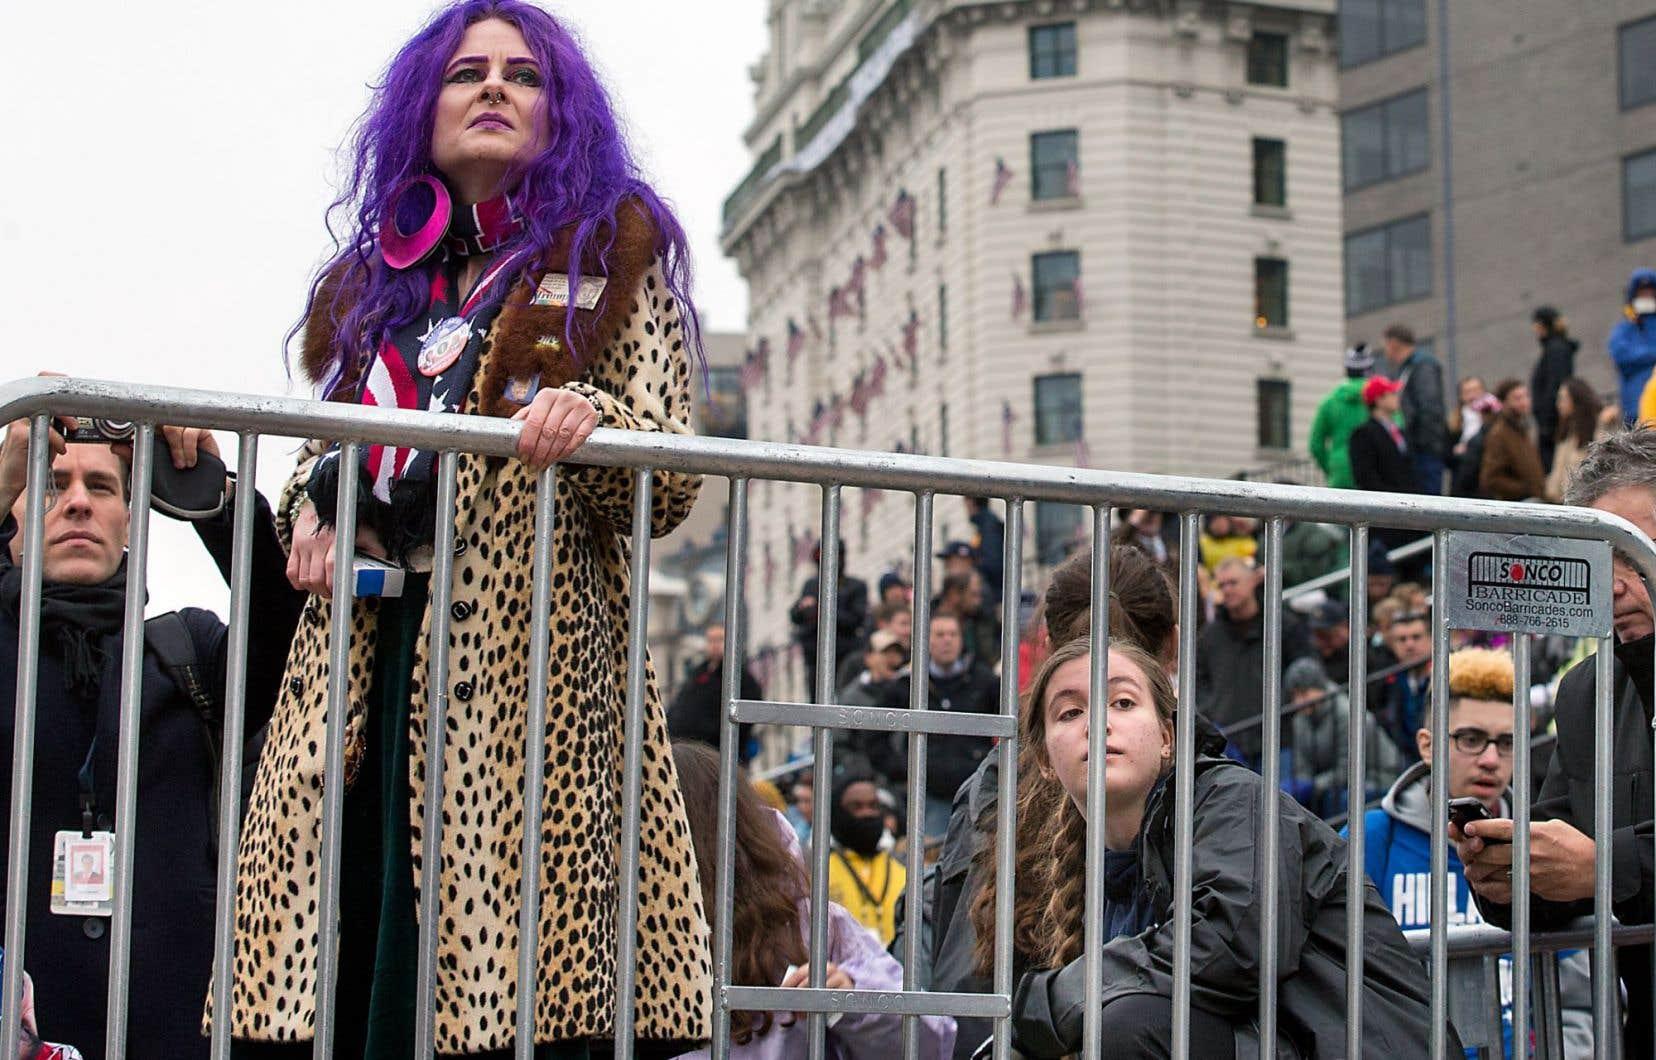 C'était un grand jour pour les partisans de Donald Trump, mais ceux-ci sont néanmoins restés posés, calmes, presque amorphes au cours de la journée. Ici, des Américains attendent le passage de leur nouveau président dans la parade de l'avenue Pennsylvania.